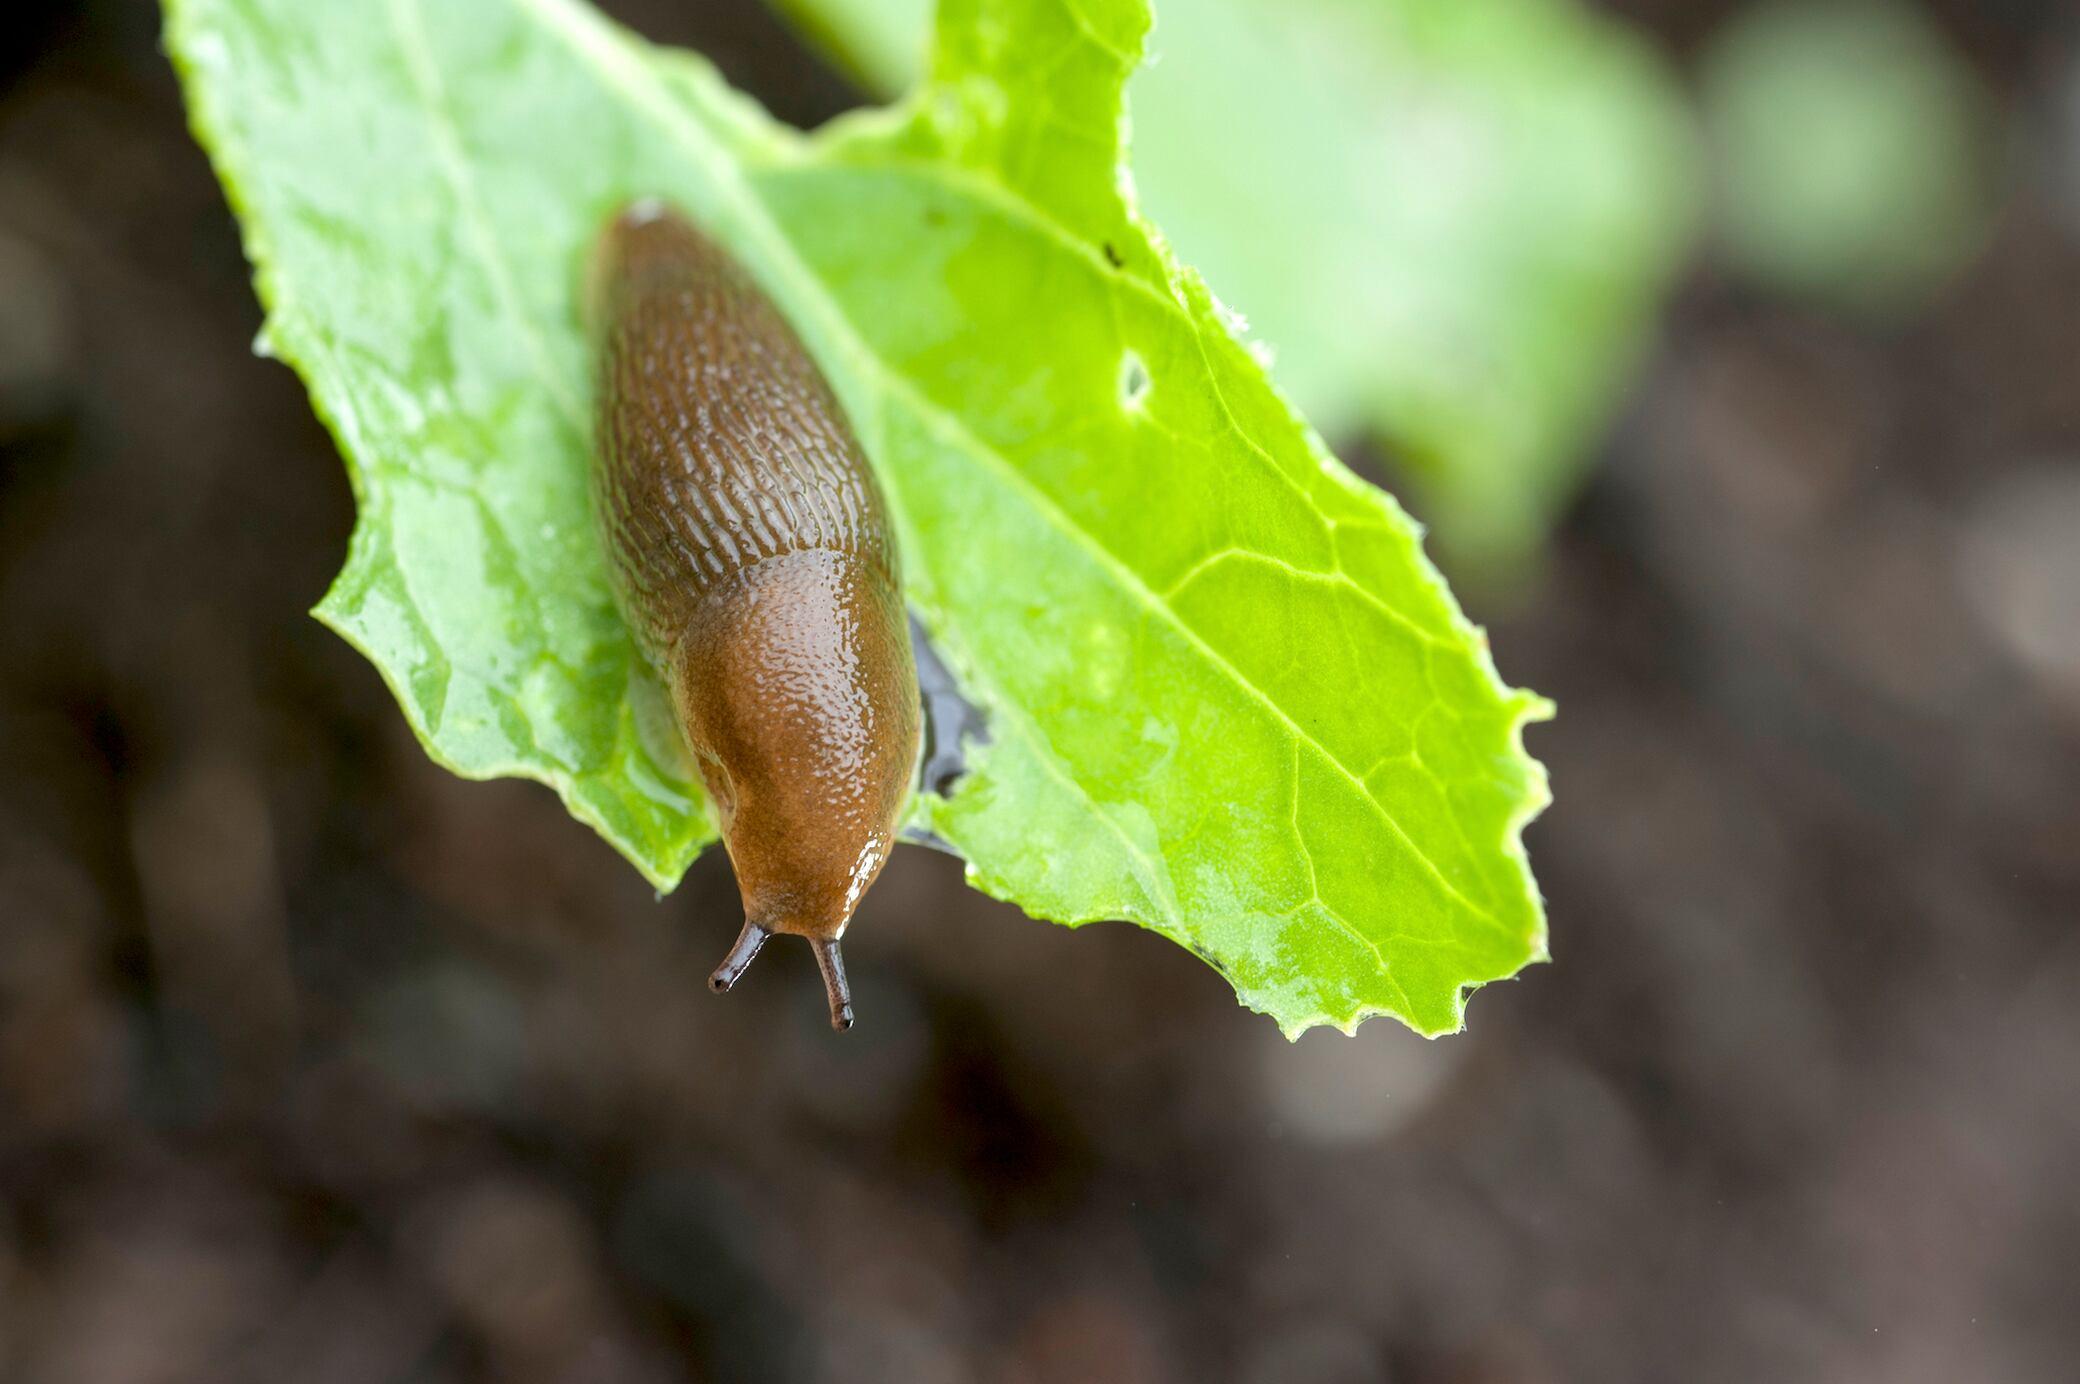 Schnecken im Garten ohne Gift effektiv vertreiben